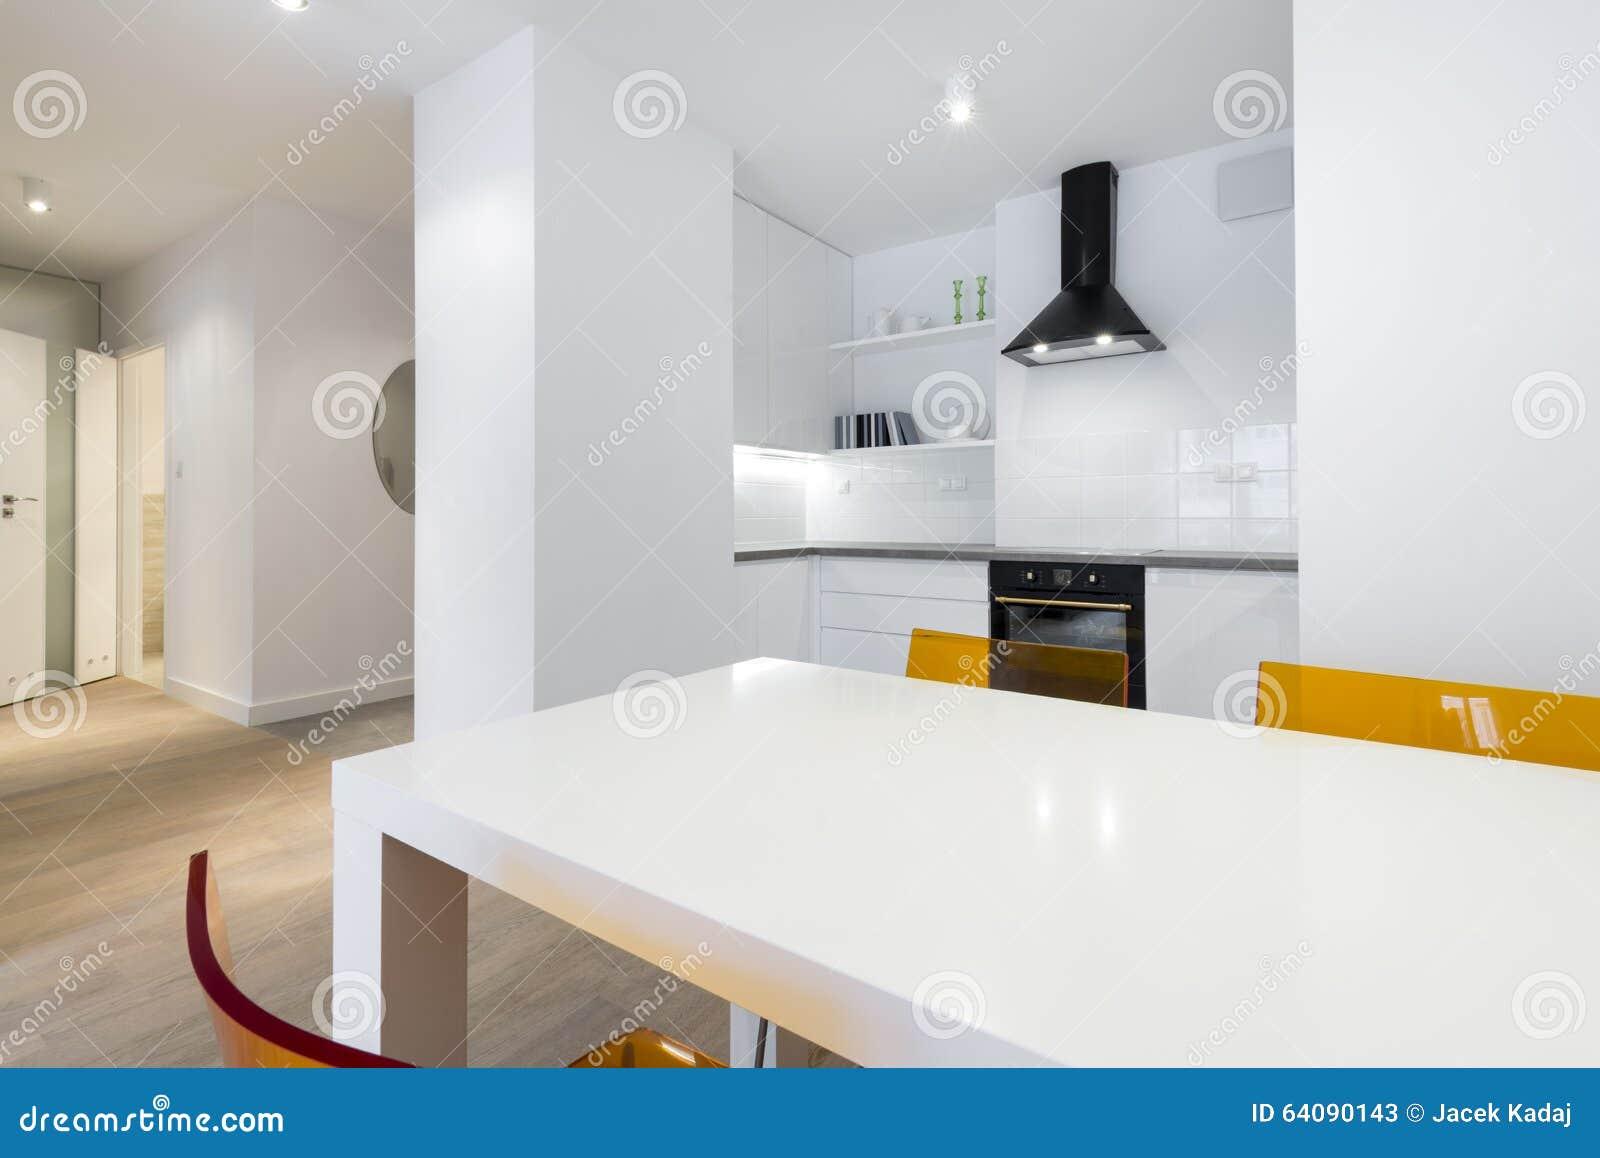 Stilvolle Weiße Küche In Der Kleinen Wohnung Stockbild - Bild von ...